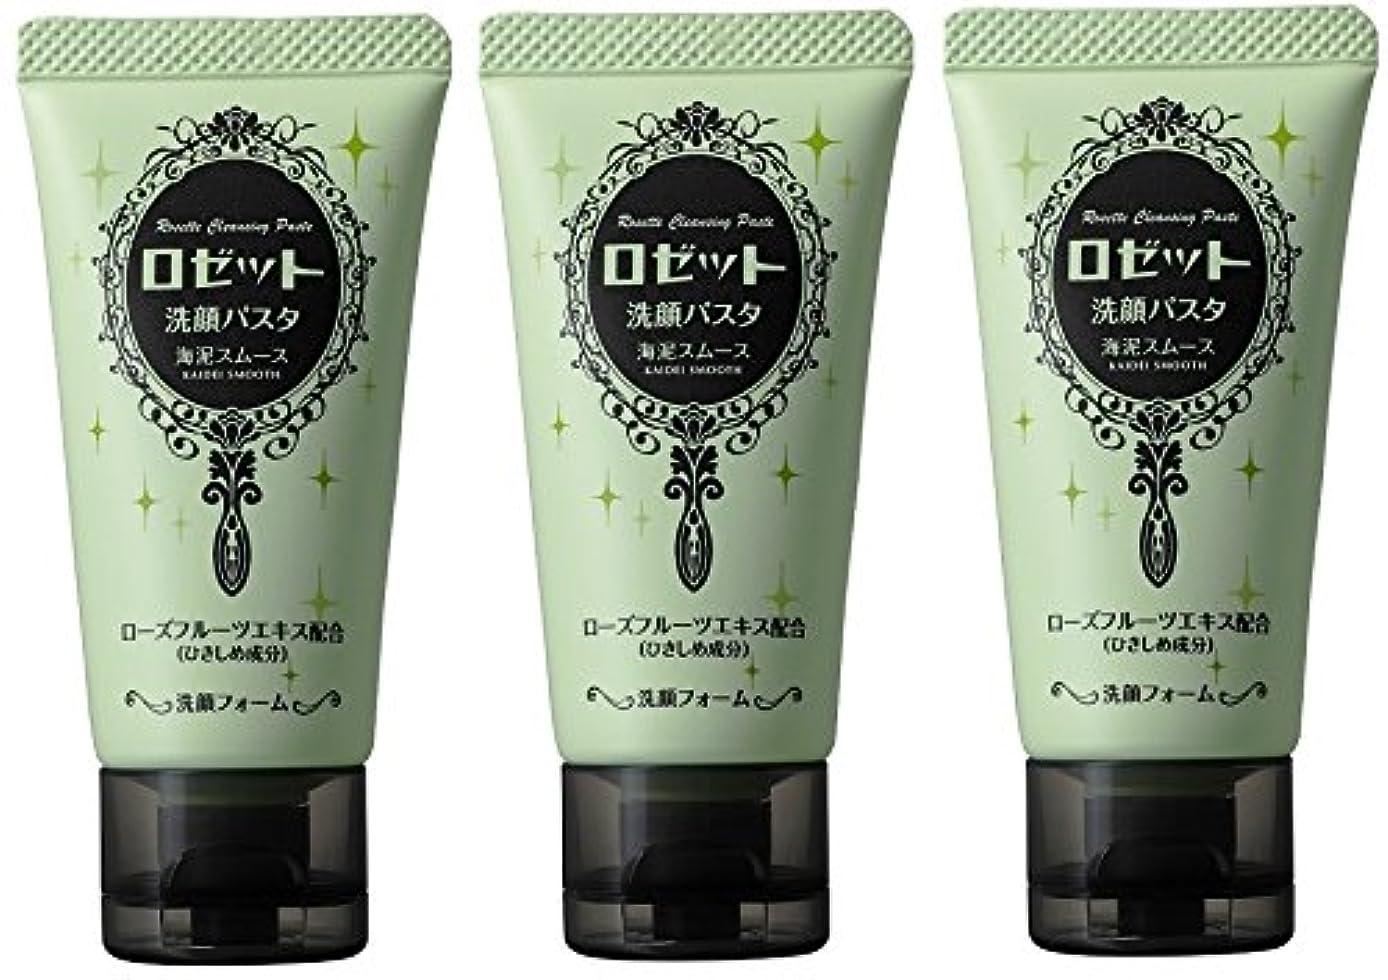 粒まだプラットフォーム【まとめ買い】ロゼット 洗顔パスタ海泥スムースミニ 30g×3個